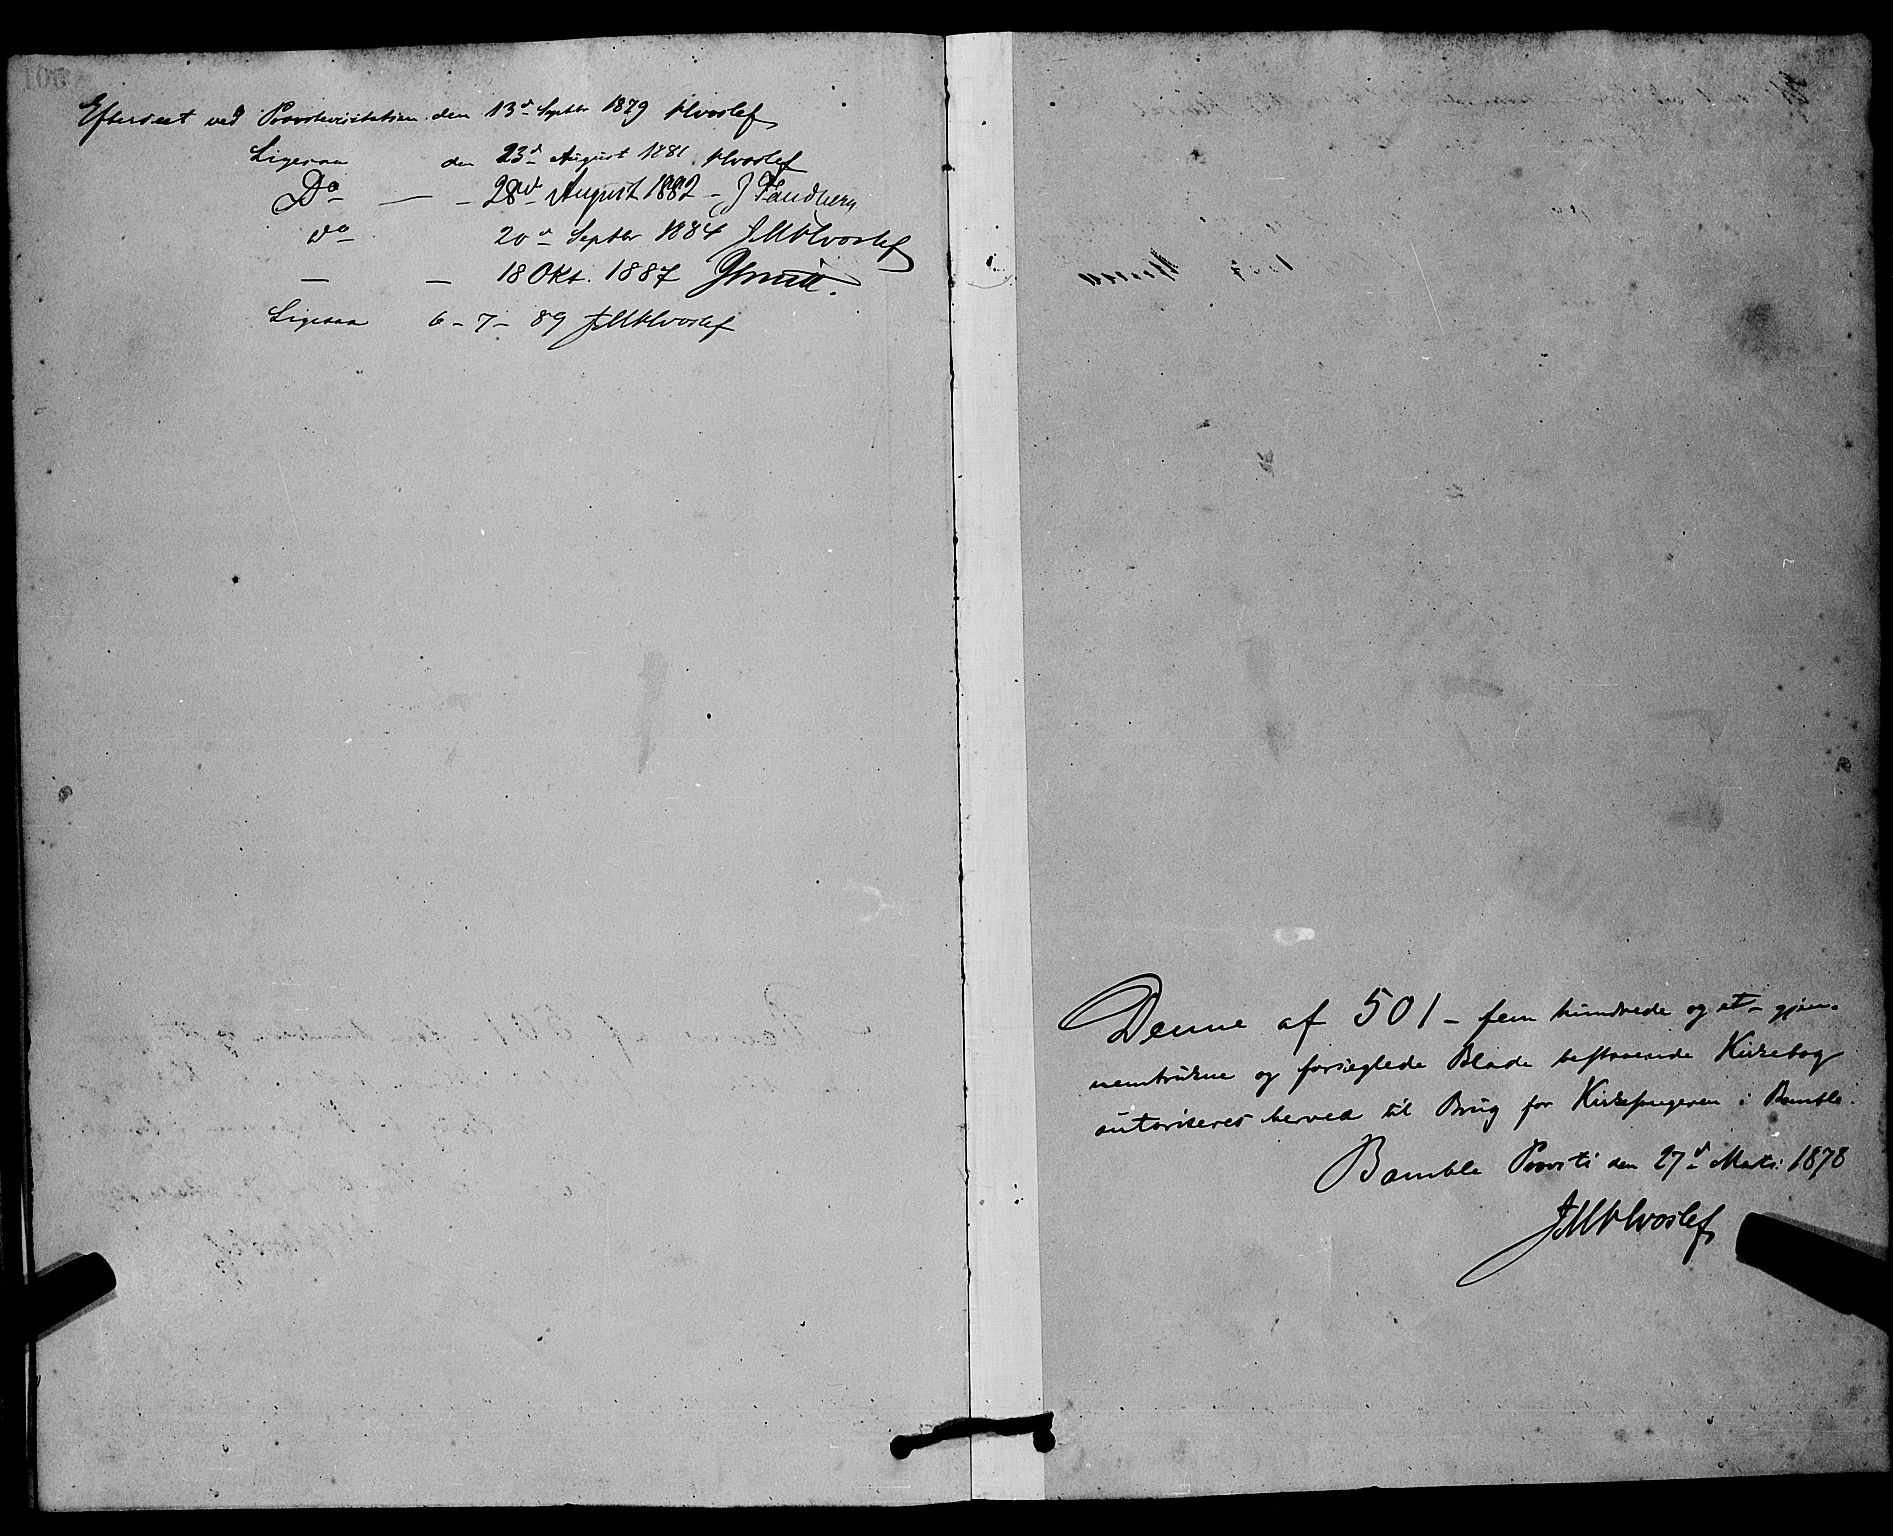 SAKO, Bamble kirkebøker, G/Ga/L0008: Klokkerbok nr. I 8, 1878-1888